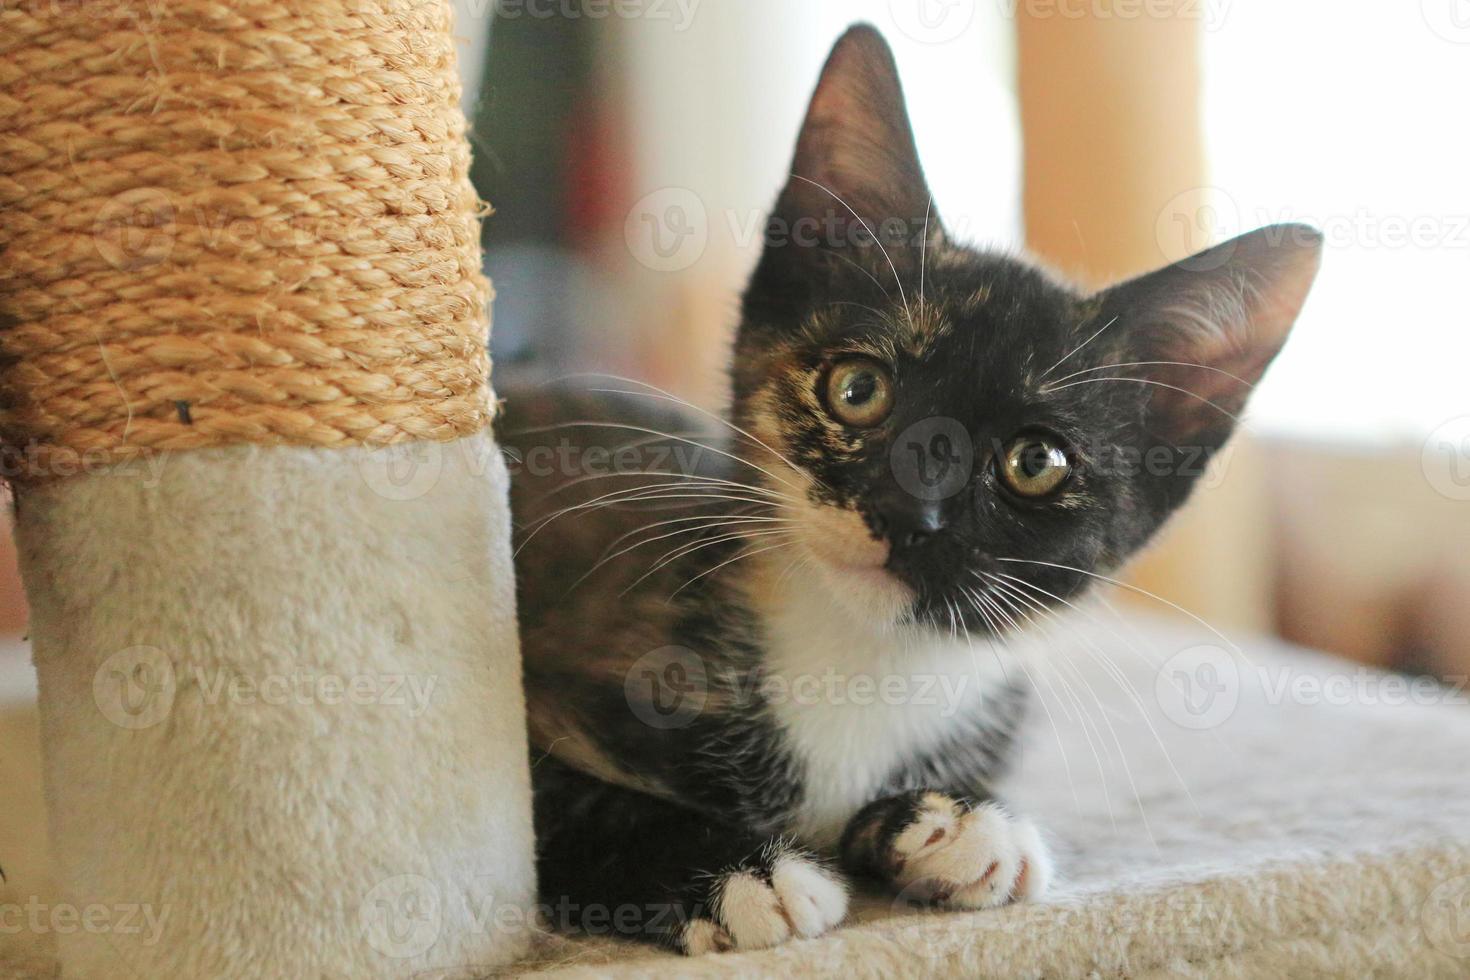 cucciolo di gatto seduto sulla torre di gioco con luce naturale foto